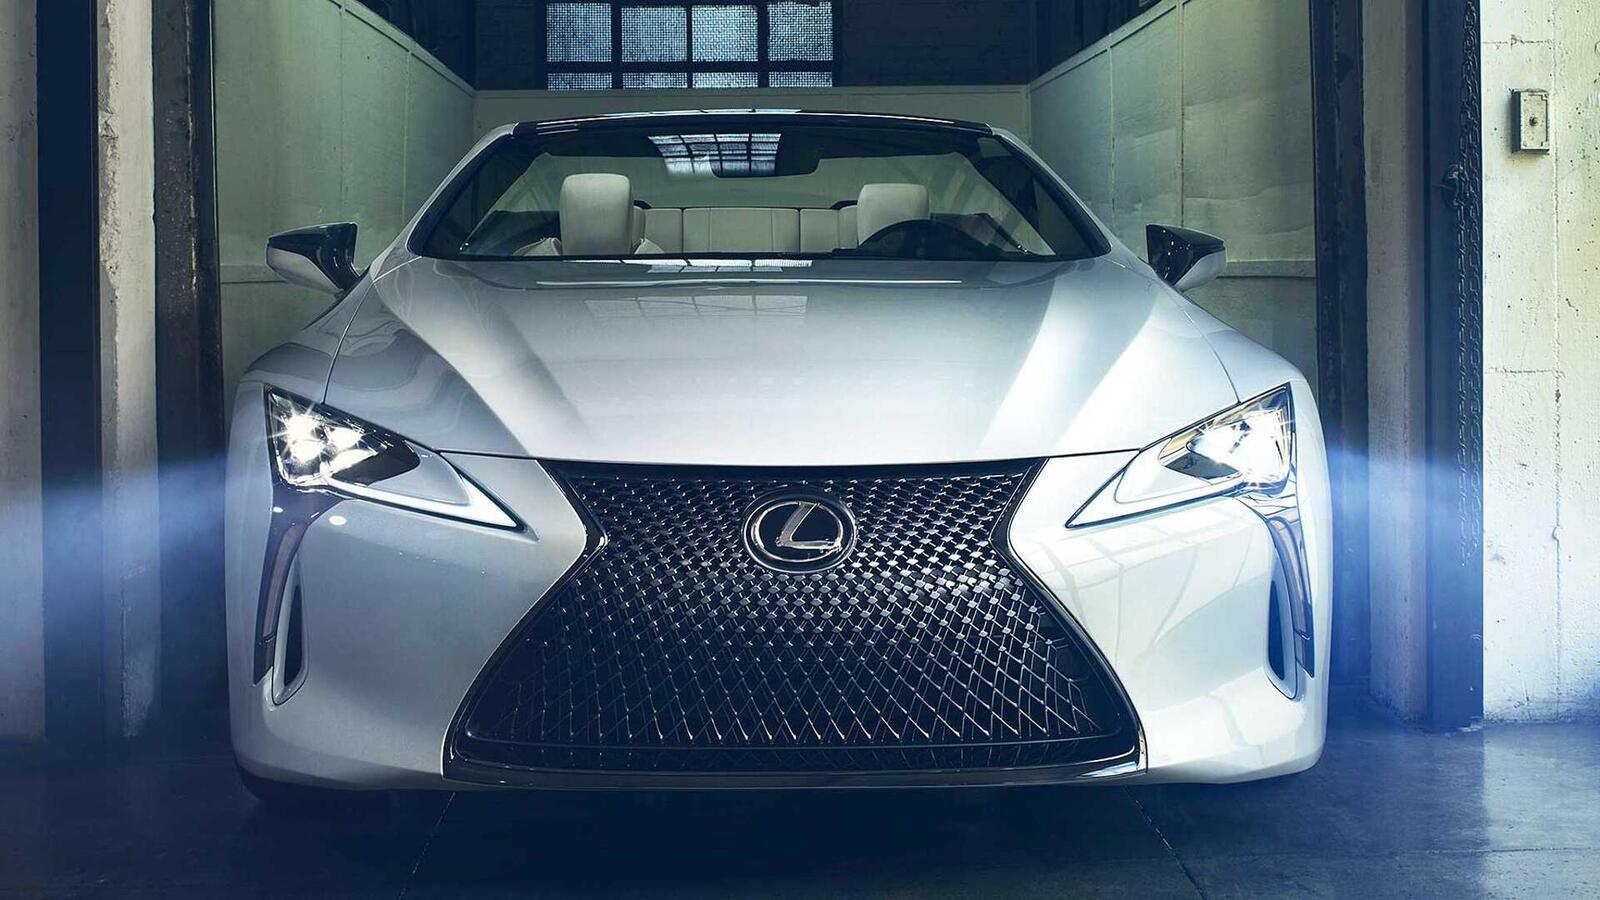 Lexus LC Convertible Concept 2020 sắp ra mắt tại Triển Lãm ô tô Quốc Tế Bắc Mỹ 2019 - Hình 2